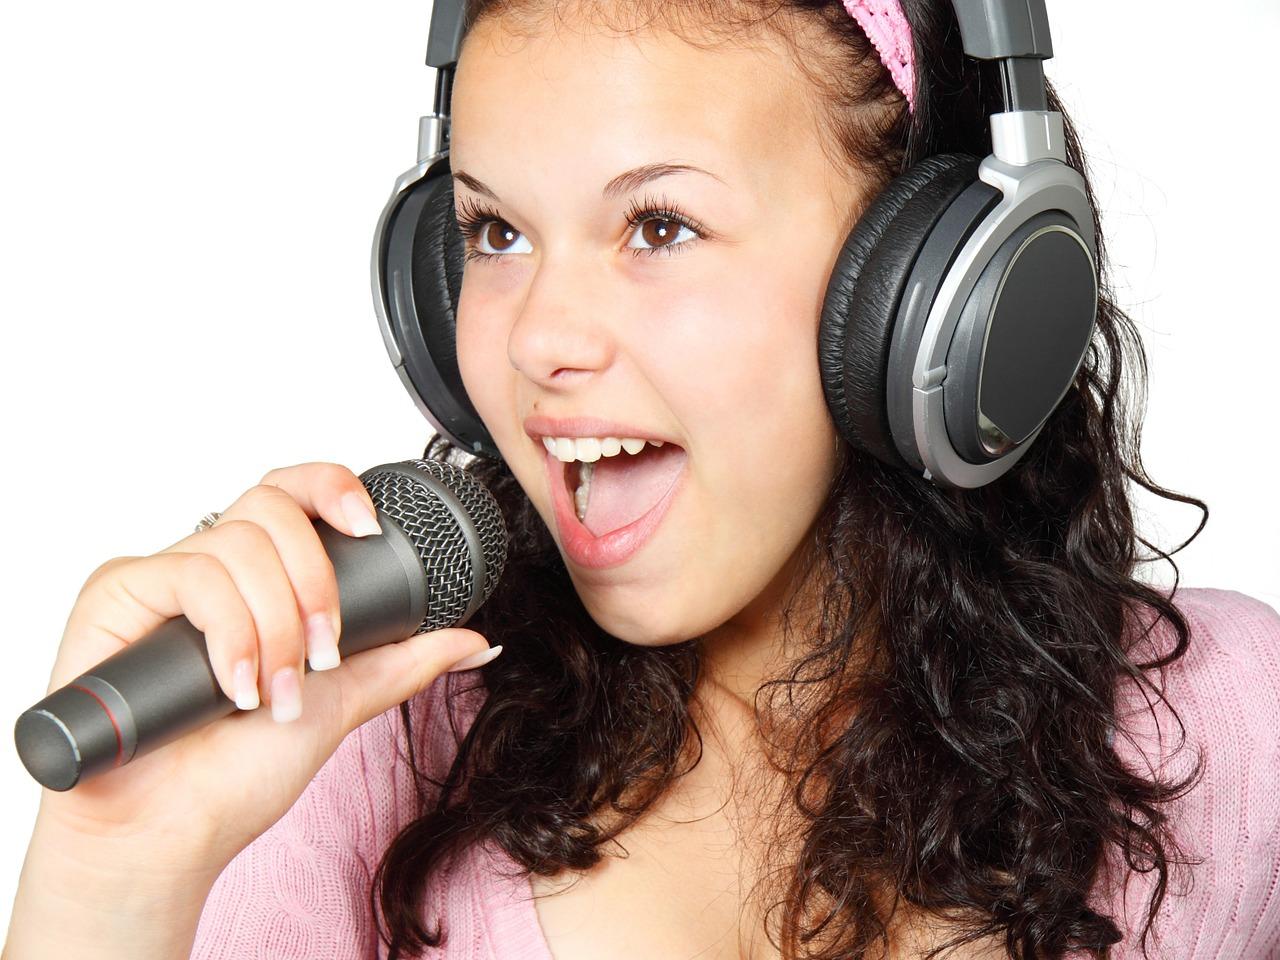 Les avantages offerts par le cours de chant